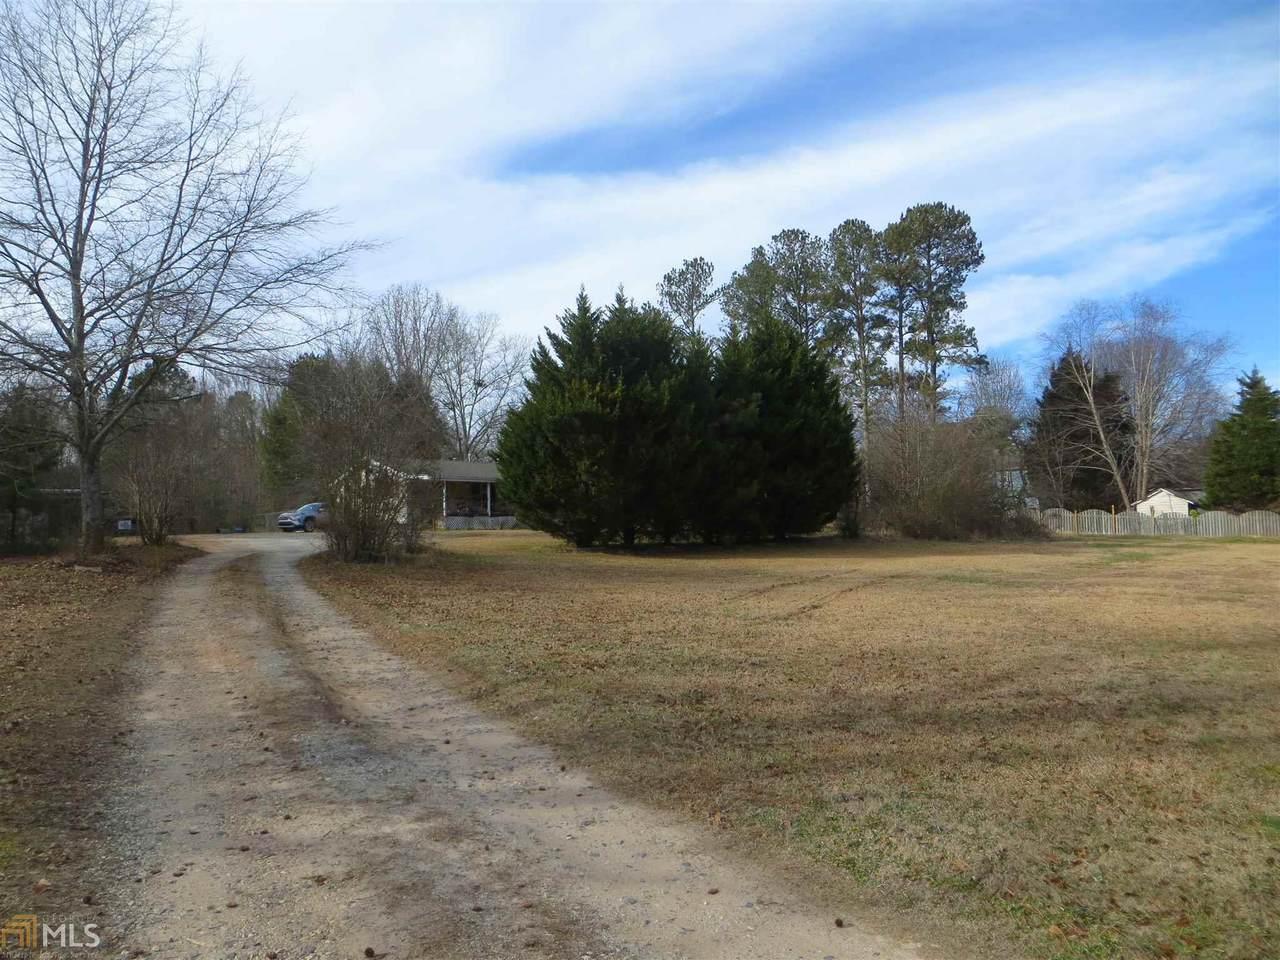 6899 Heardsville Rd - Photo 1